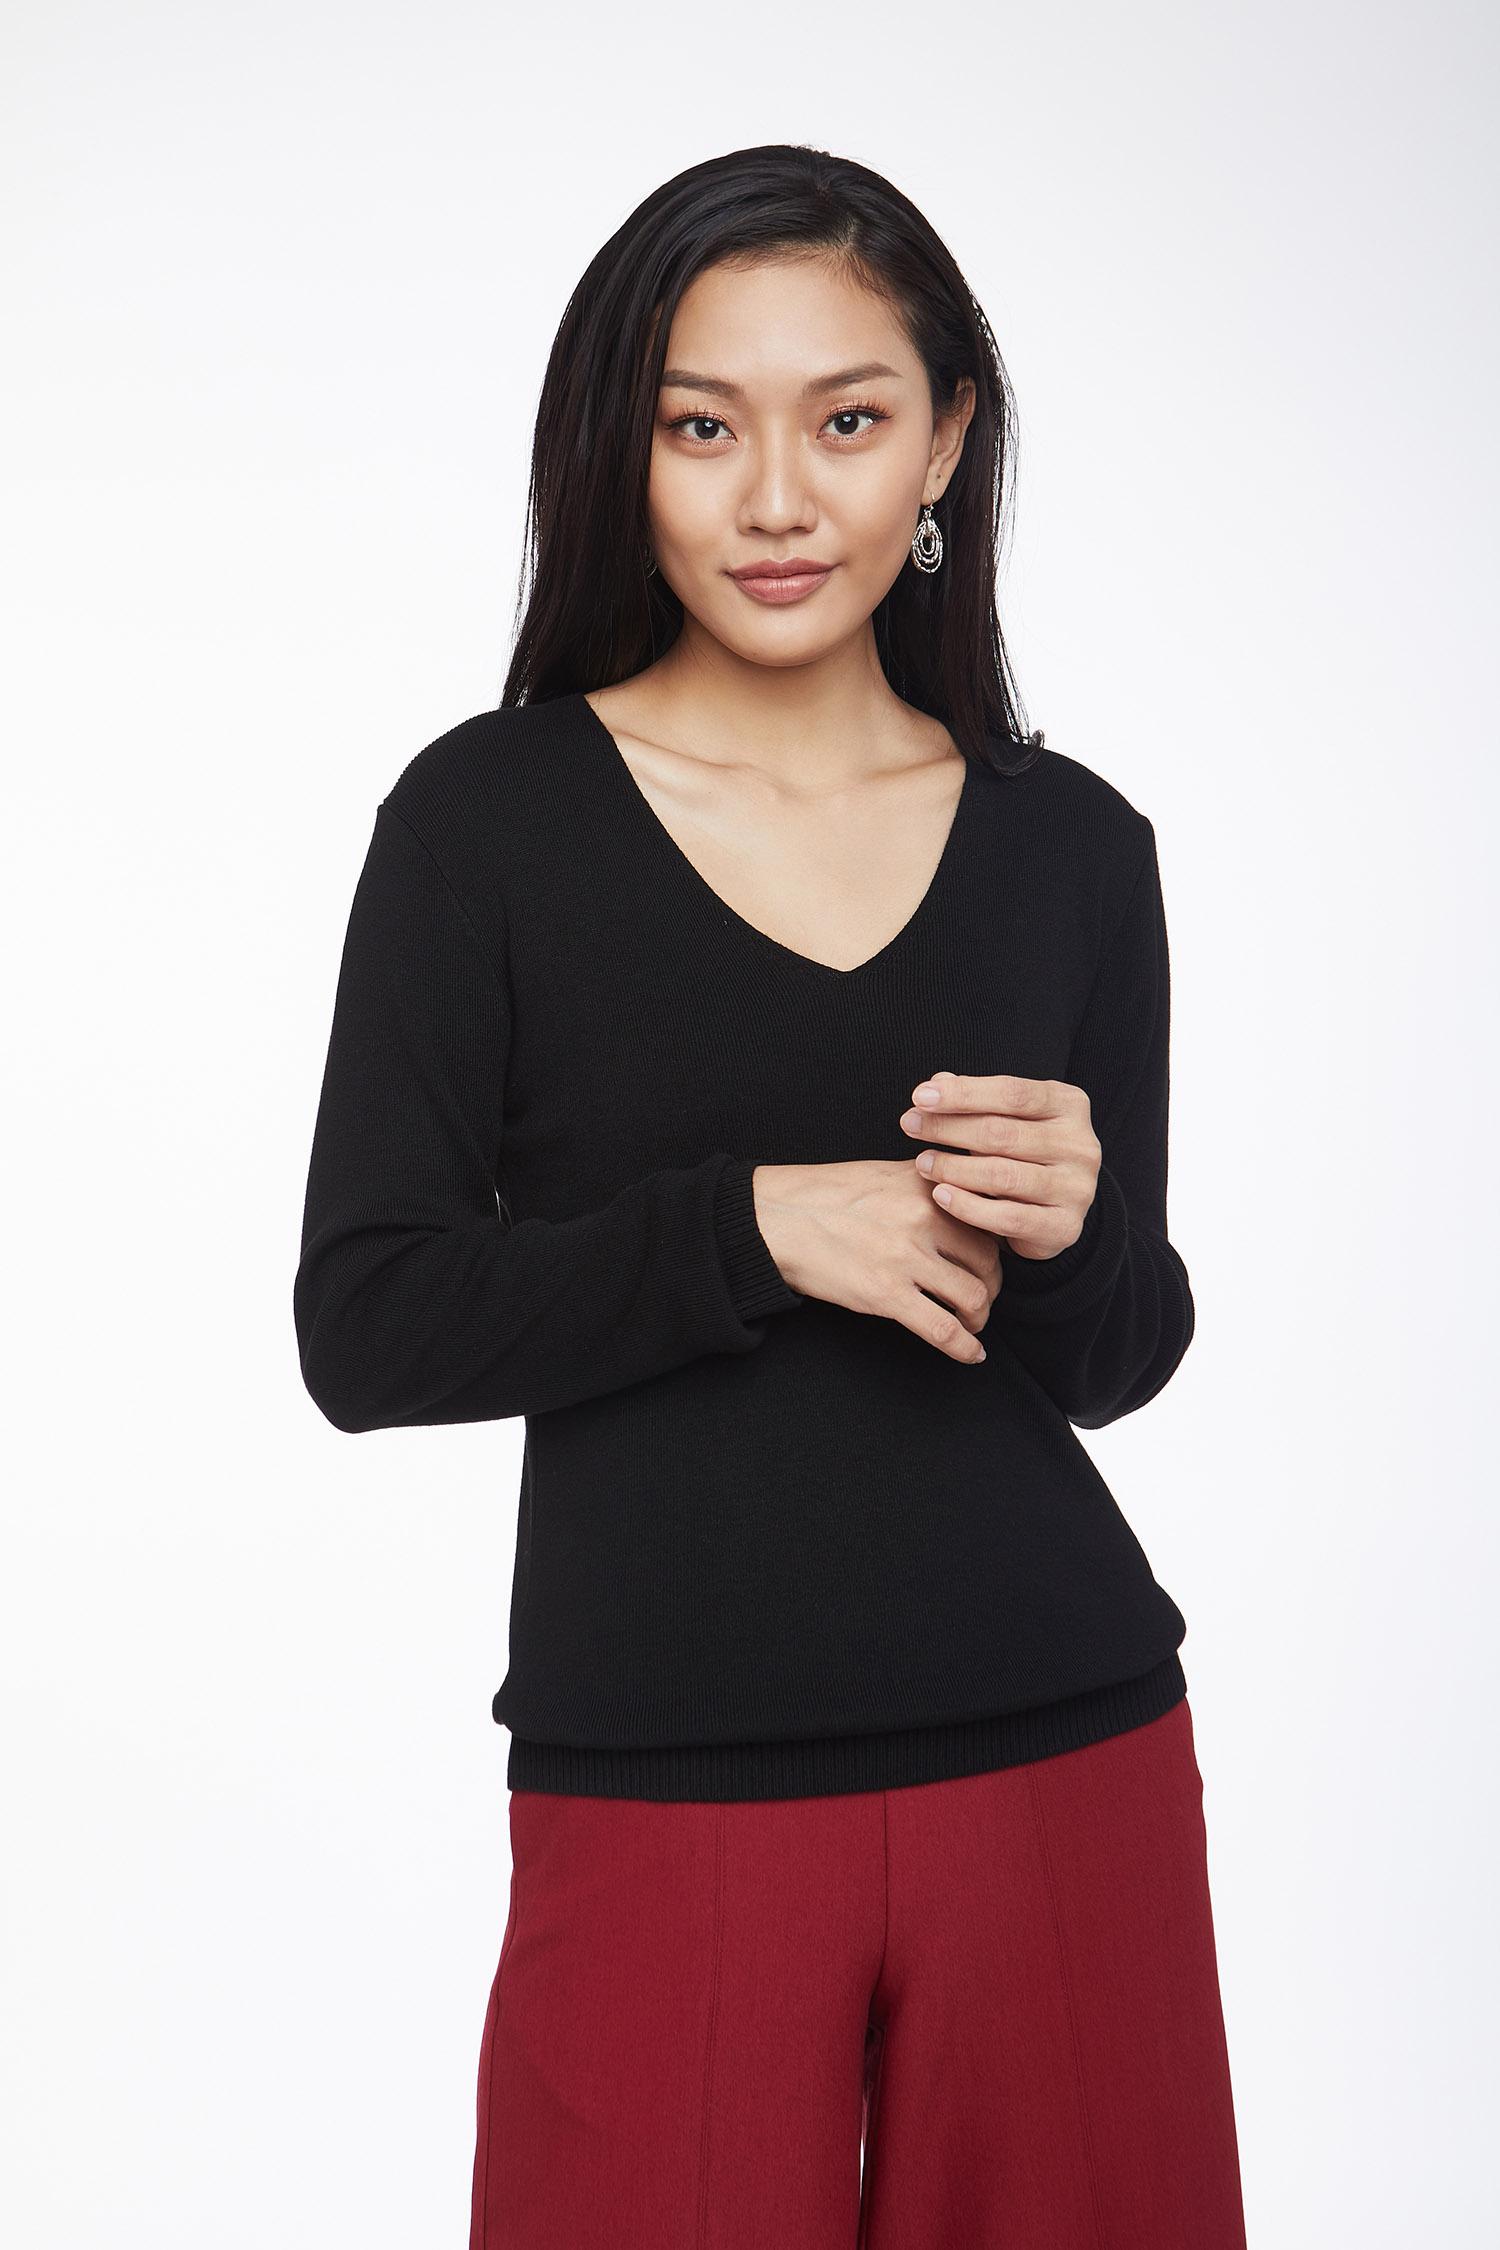 áo dệt nữ - 1905009